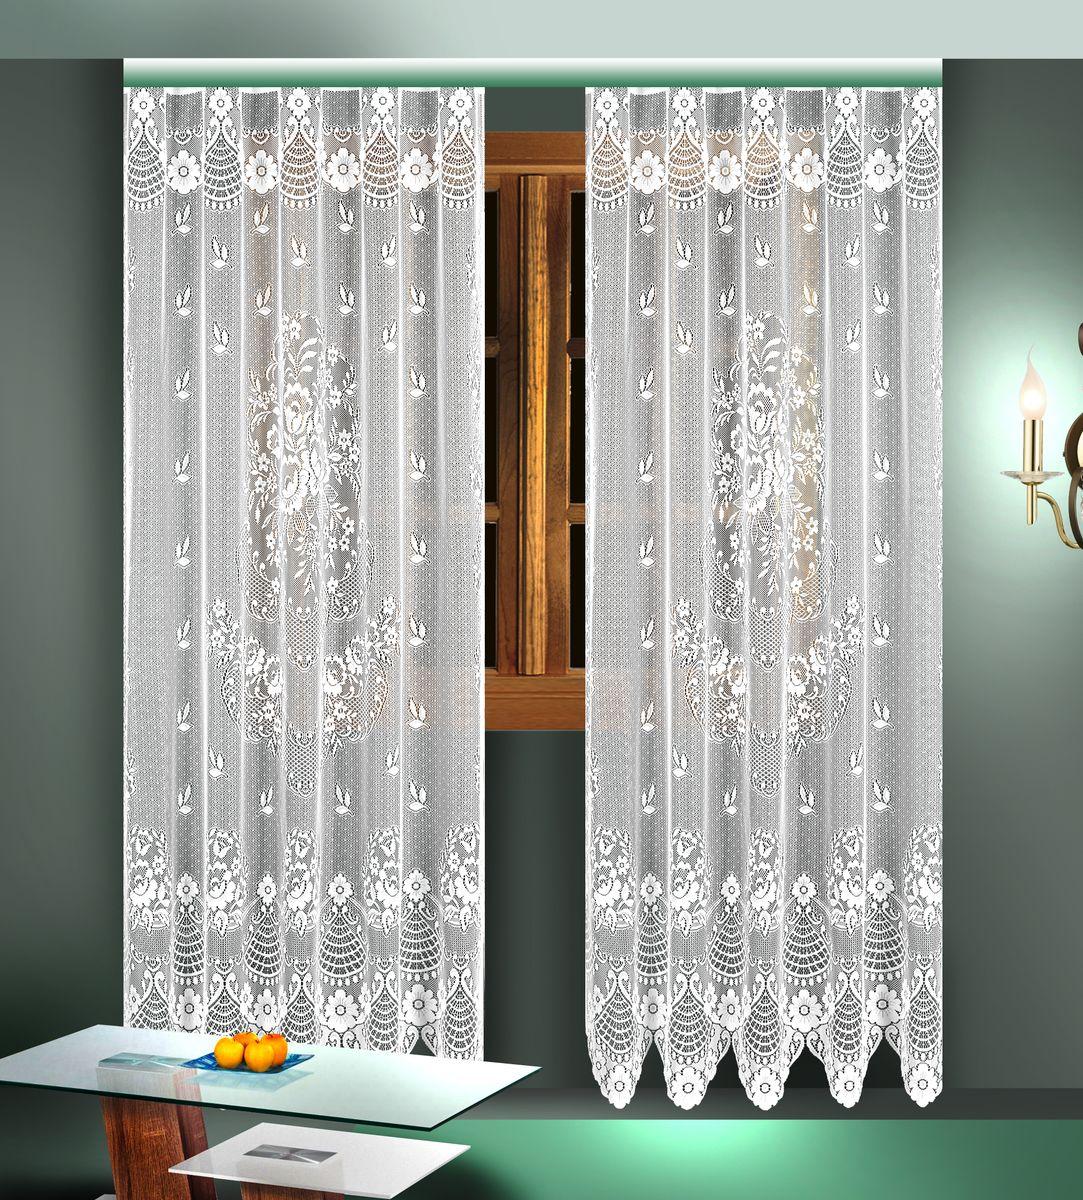 Комплект гардин Zlata Korunka, цвет: белый, высота 245 см. 8882488824Воздушные гардины Zlata Korunka, изготовленные из полиэстера белого цвета, станут великолепным украшением любого окна. Гардины выполнены из сетчатого материала и декорированы цветочным рисунком. Тонкое плетение и оригинальный дизайн привлекут к себе внимание и органично впишутся в интерьер. Верхняя часть гардин не оснащена креплениями. В комплект входит: Гардина - 2 шт. Размер (Ш х В): 165 см х 245 см.